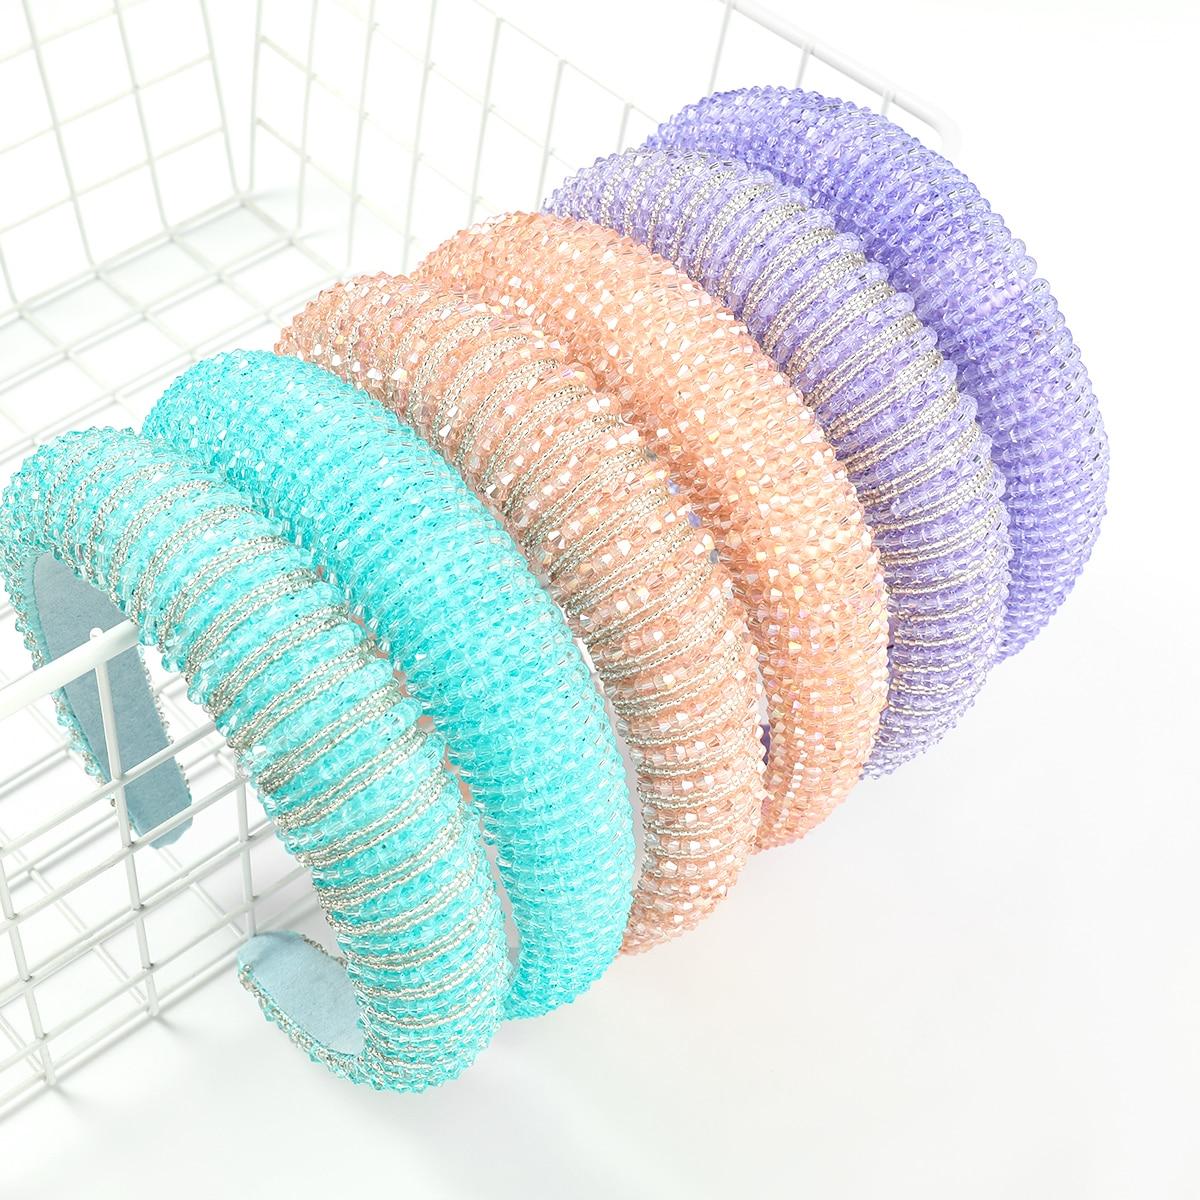 Accessoires pour cheveux en perles de riz en acrylique, bandeau pour dames, Simple, tempérament, magnifique, à la mode, nouvelle collection printemps 2021